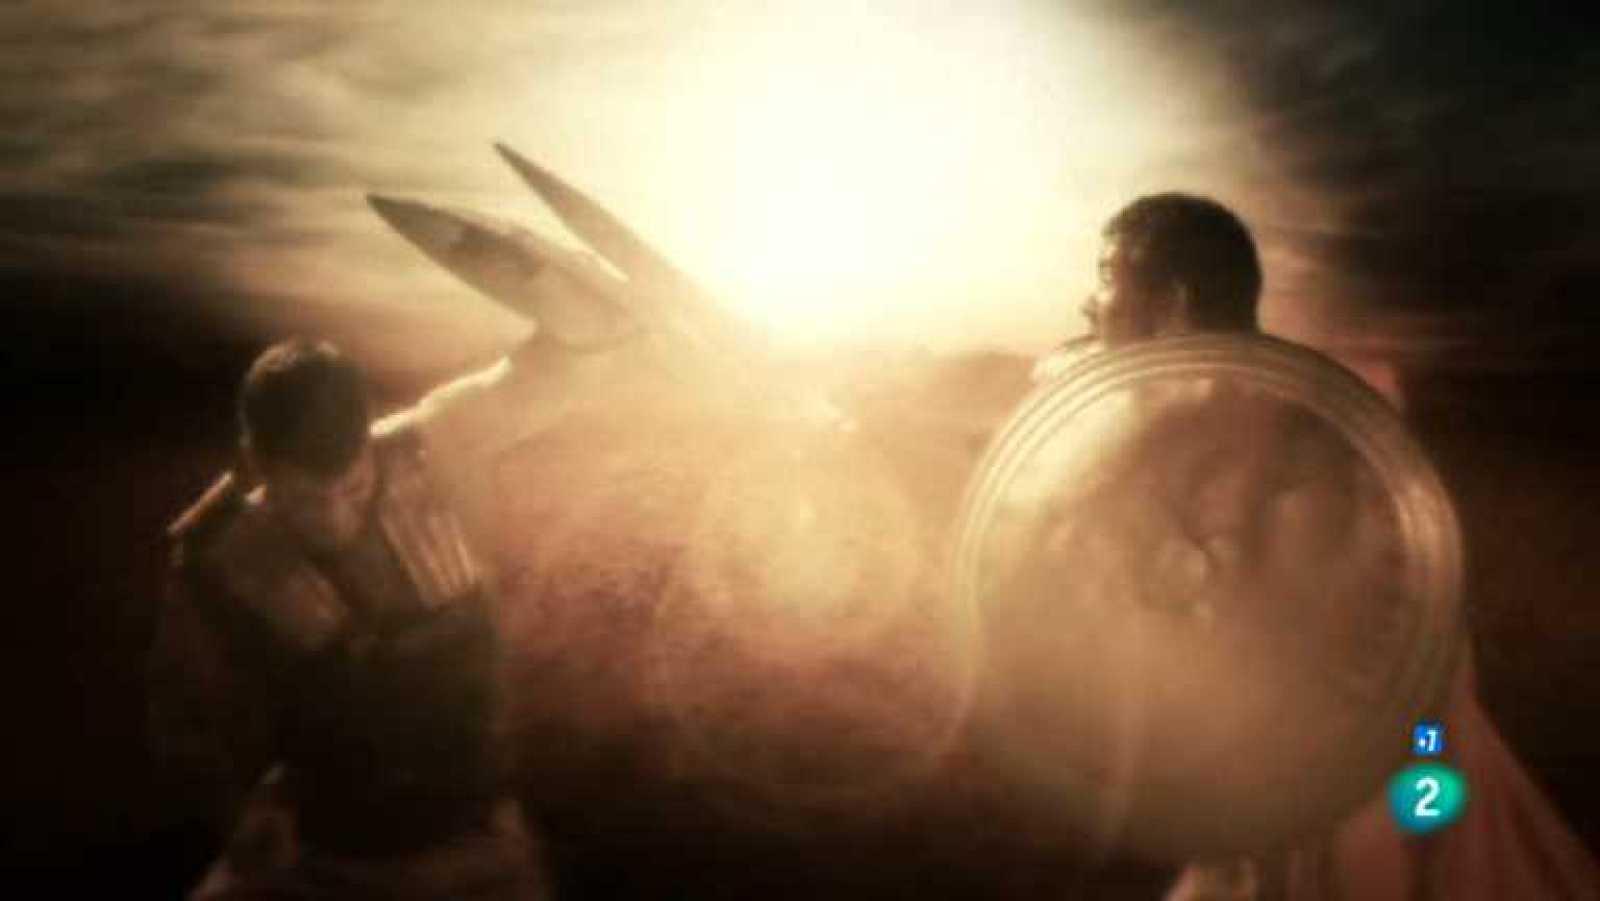 Mitos y leyendas - Aquiles y la guerra de Troya - ver ahora